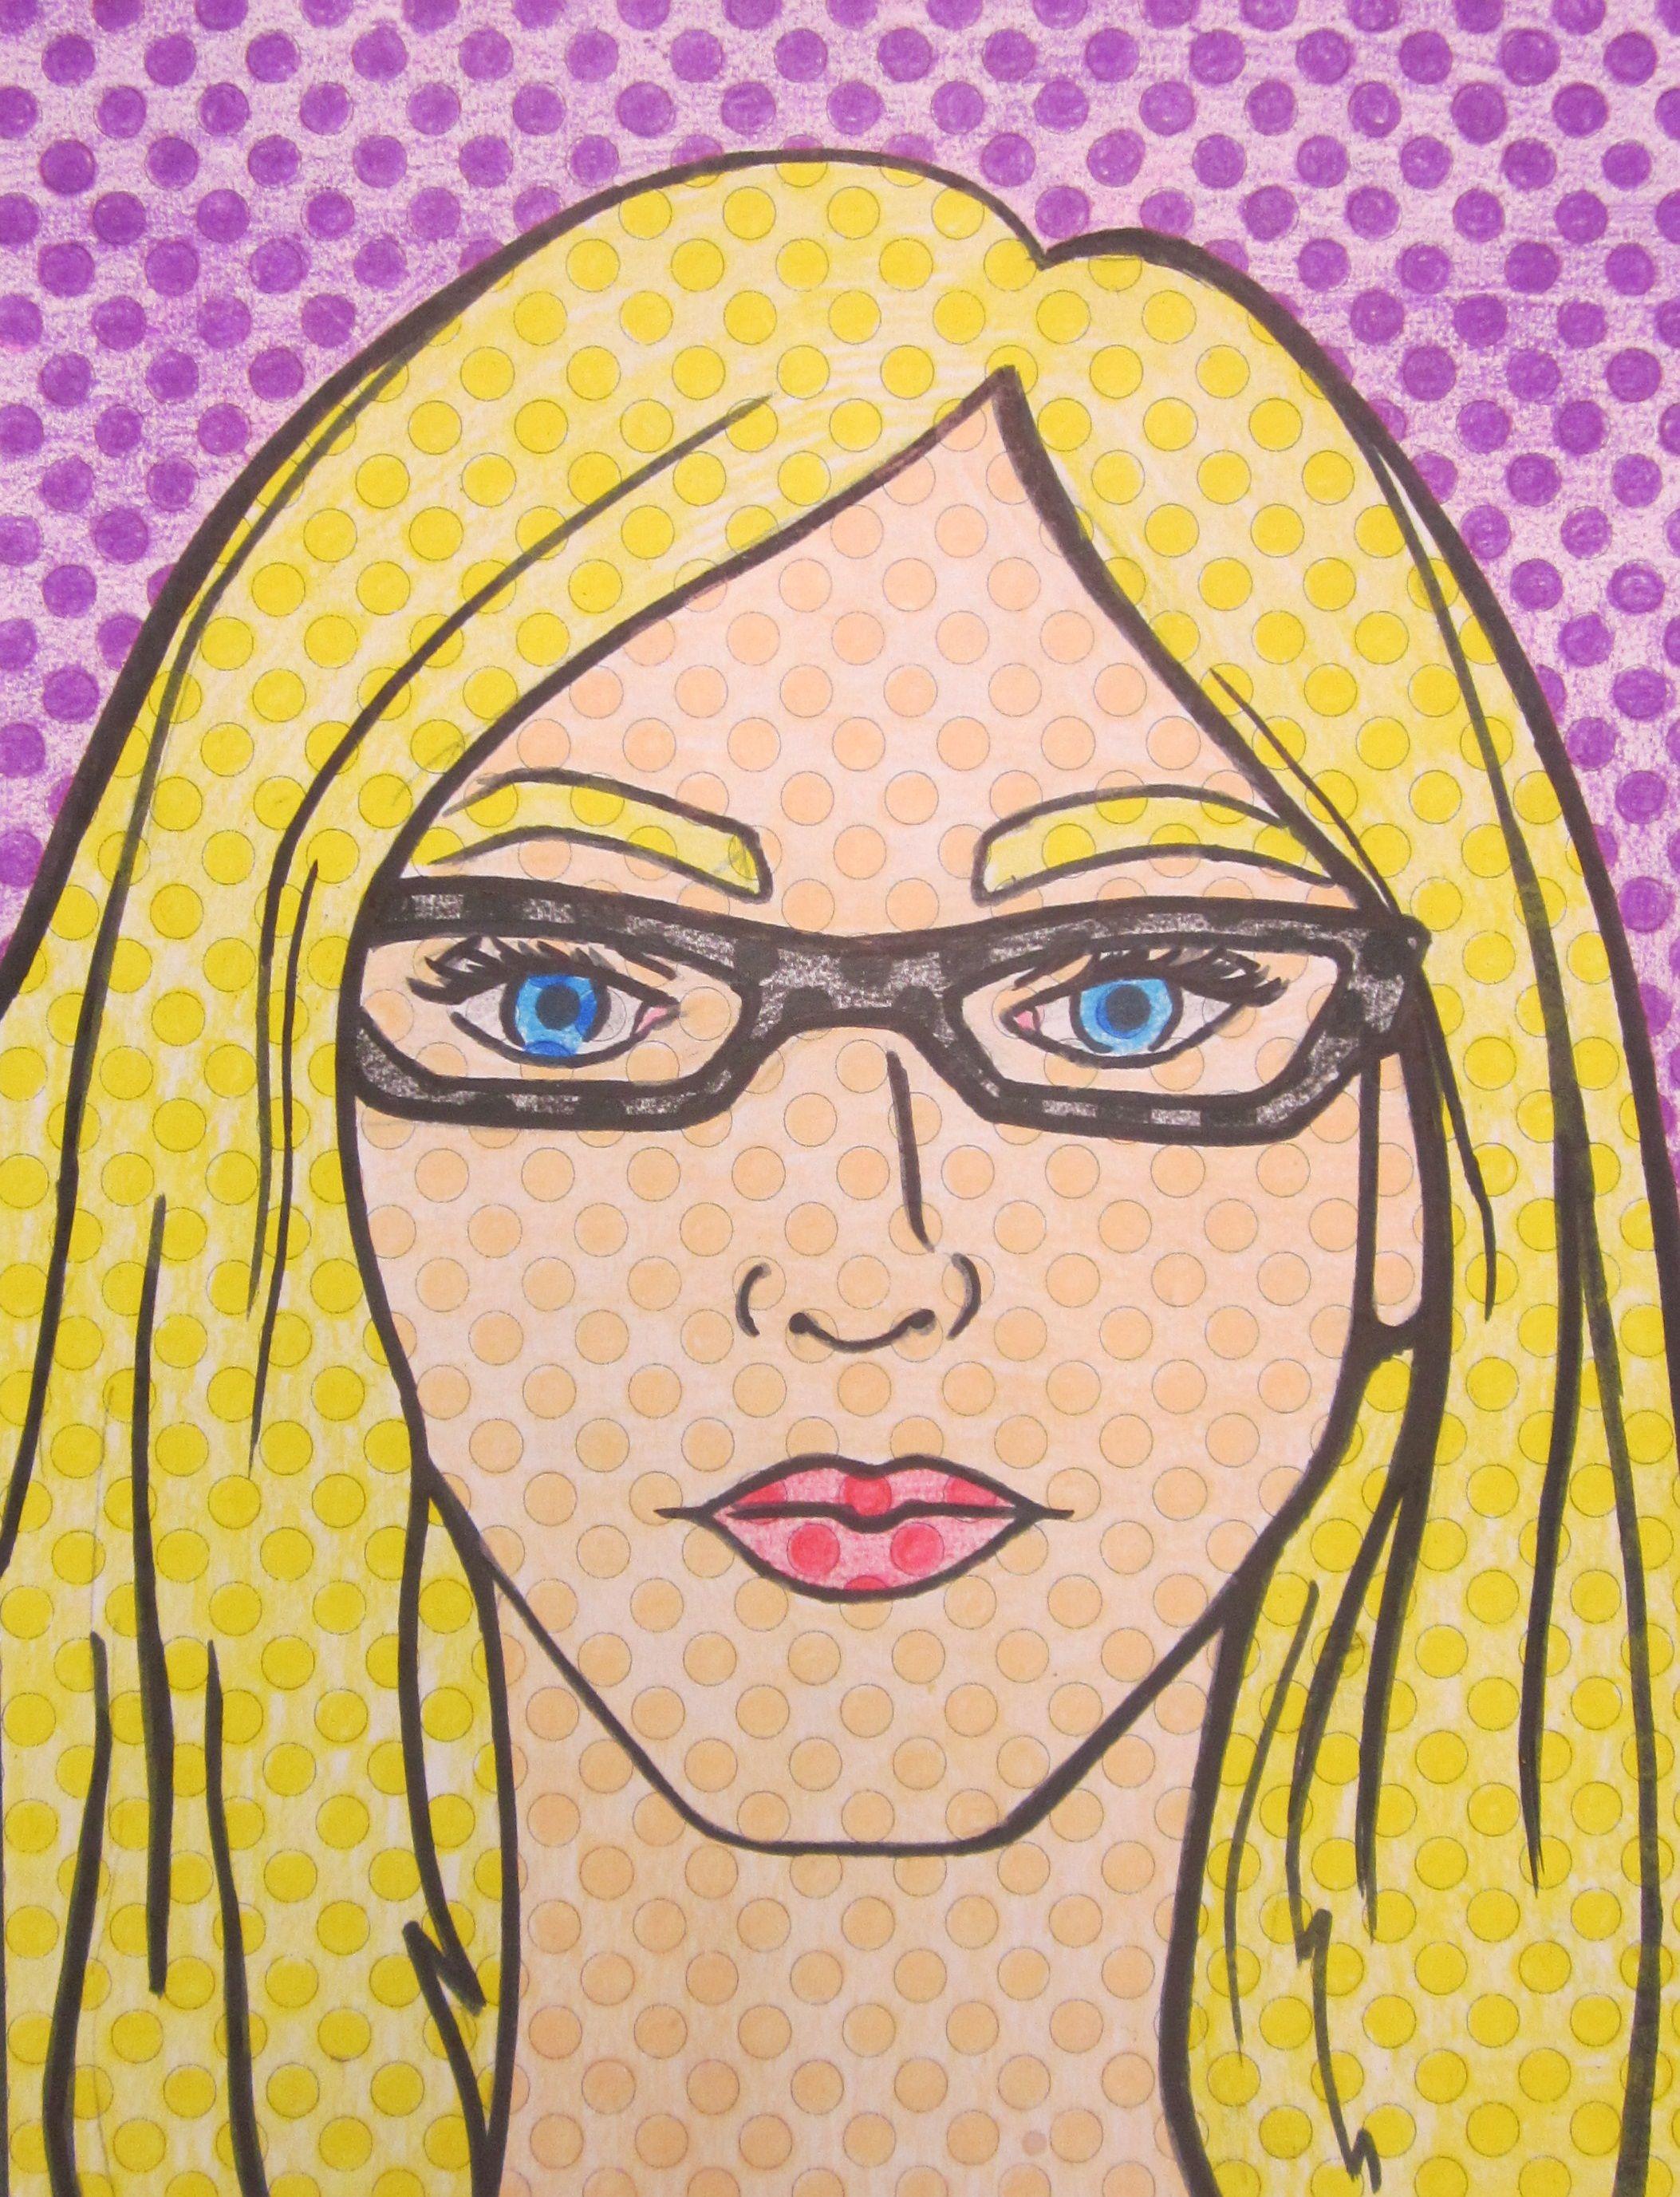 My Teacher Self Portrait Example Lichtenstein Pop Art